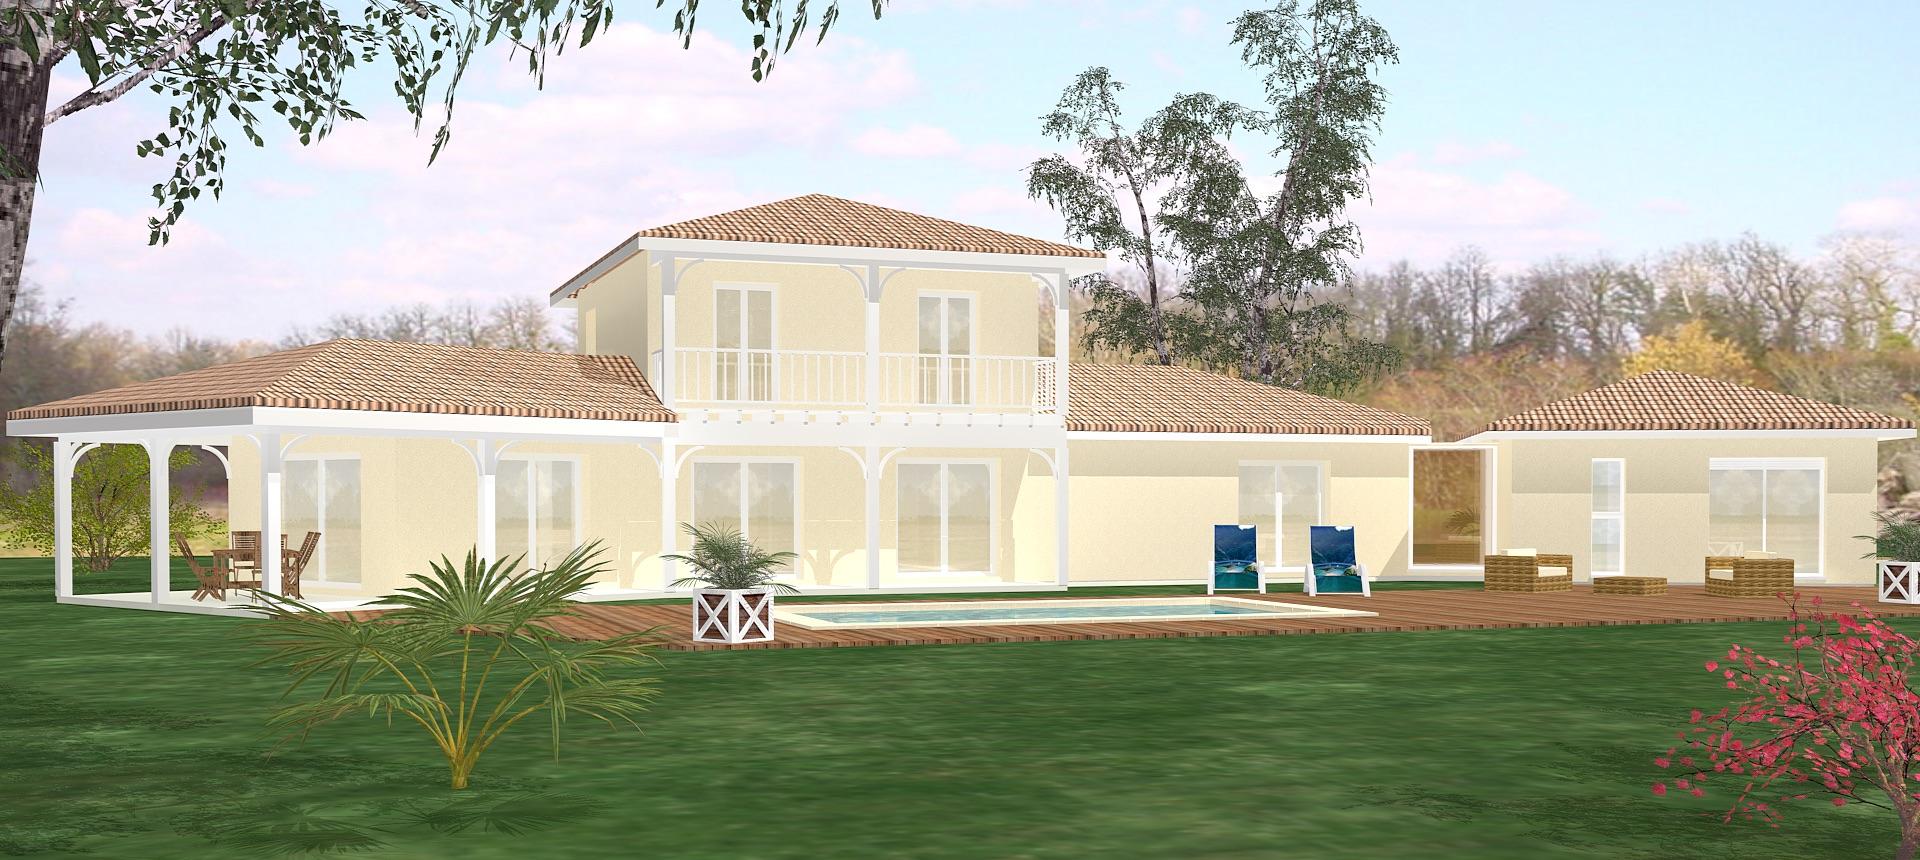 Maison architecte pas cher maison darchitecte dans son for Architecte maison en bois